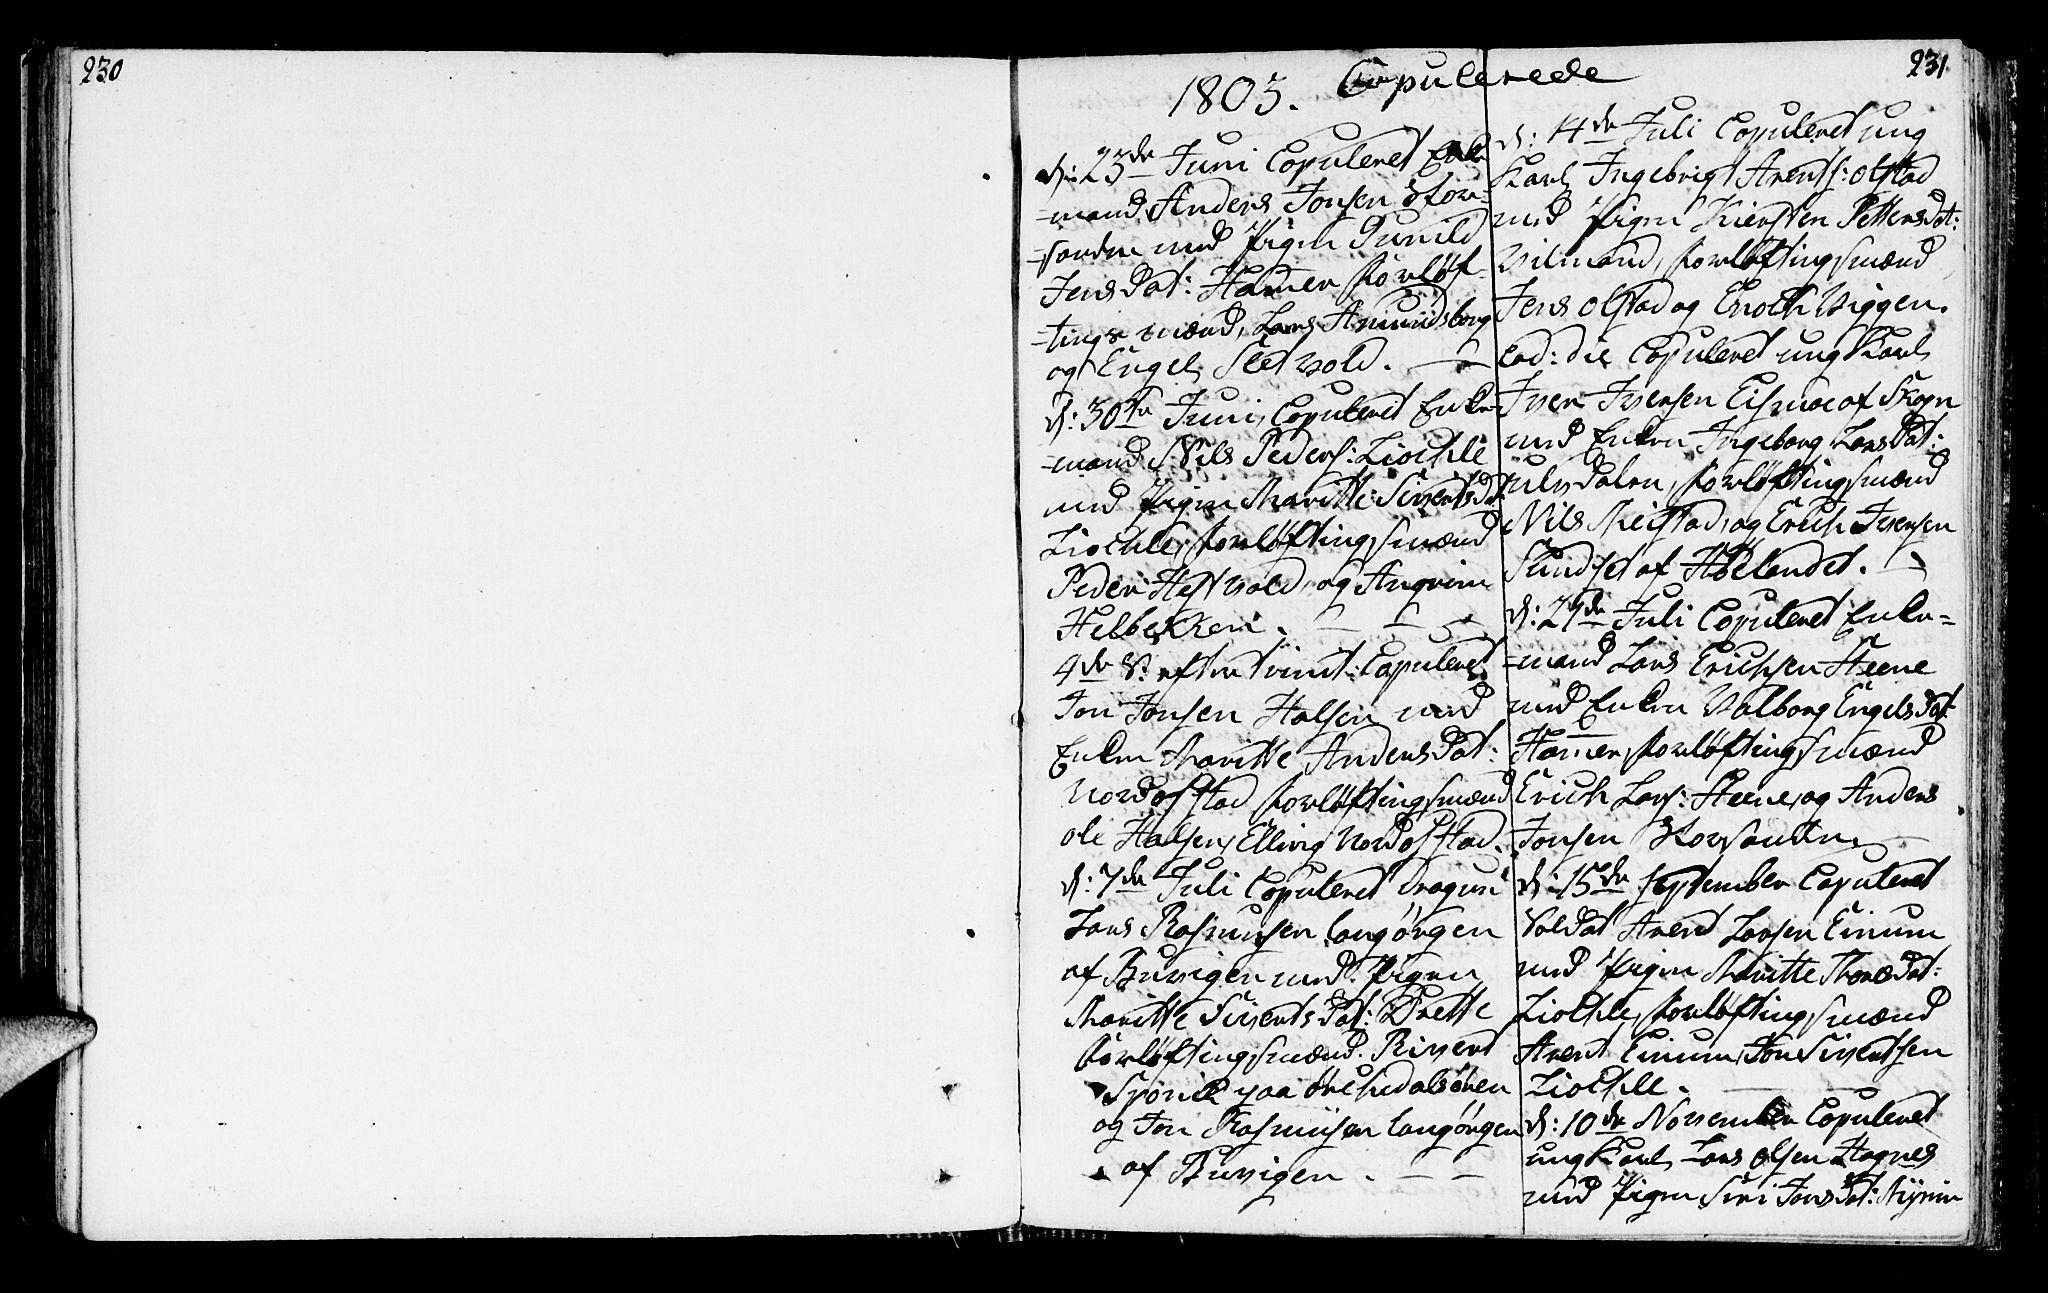 SAT, Ministerialprotokoller, klokkerbøker og fødselsregistre - Sør-Trøndelag, 665/L0769: Ministerialbok nr. 665A04, 1803-1816, s. 230-231